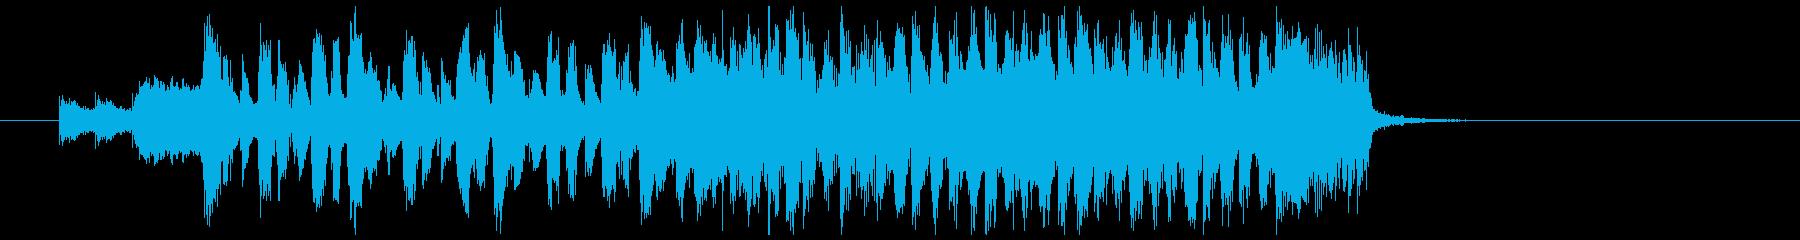 勢いある2ビートのロックギタージングルの再生済みの波形